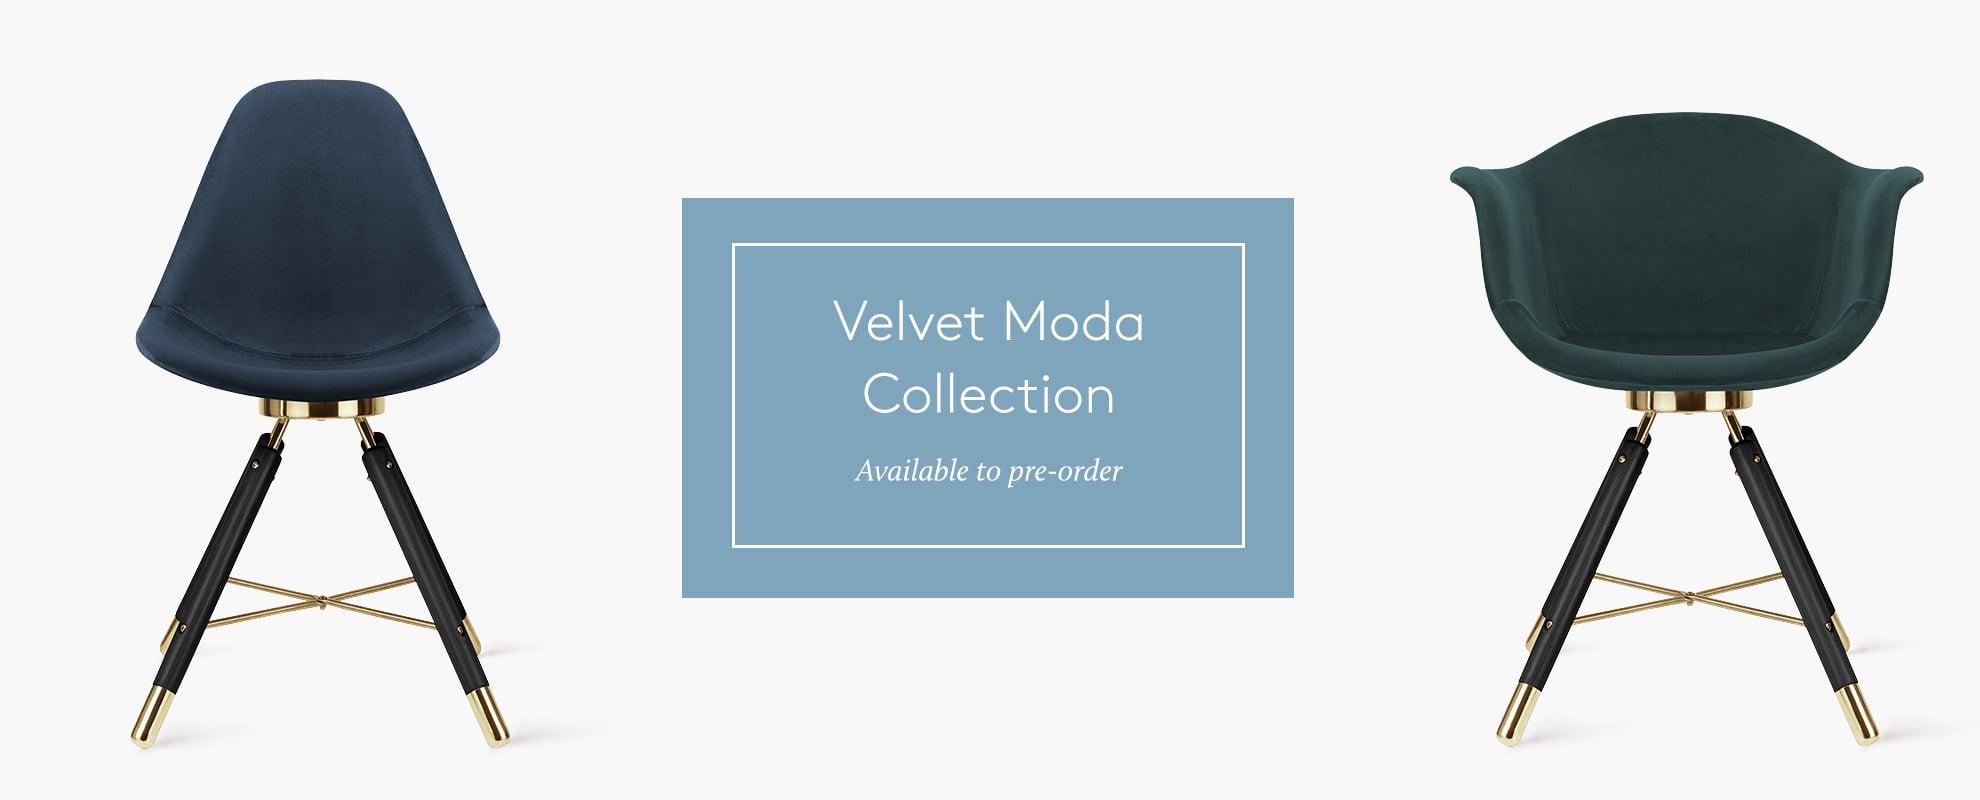 Velvet Moda